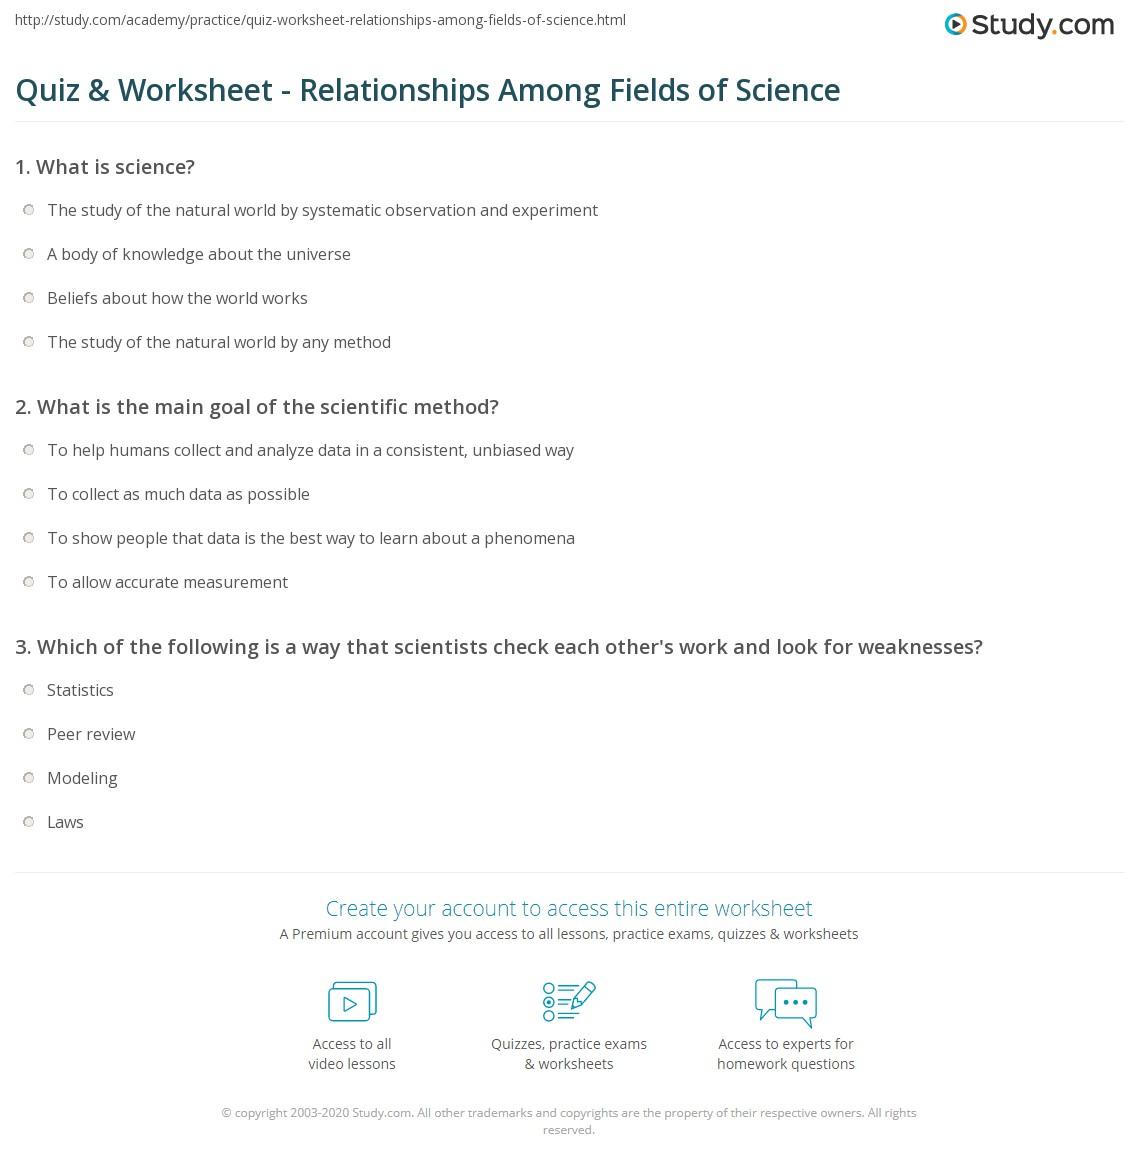 quiz worksheet relationships among fields of science. Black Bedroom Furniture Sets. Home Design Ideas